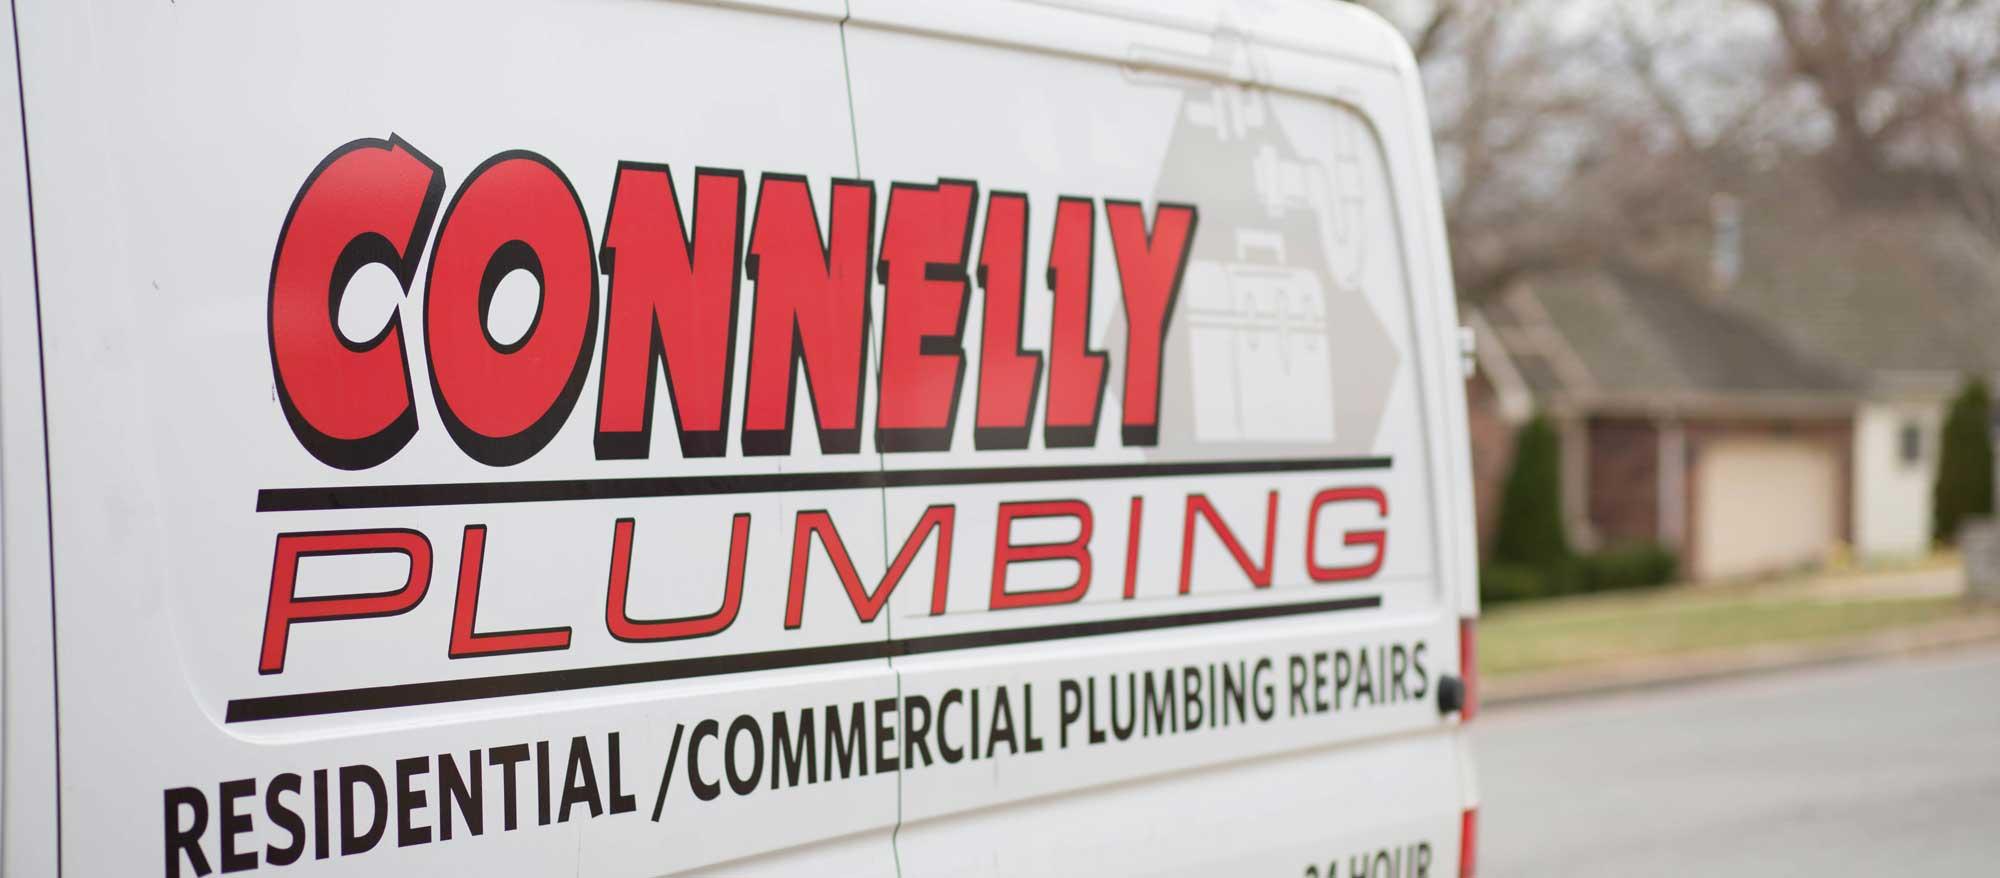 connelly plumbing van